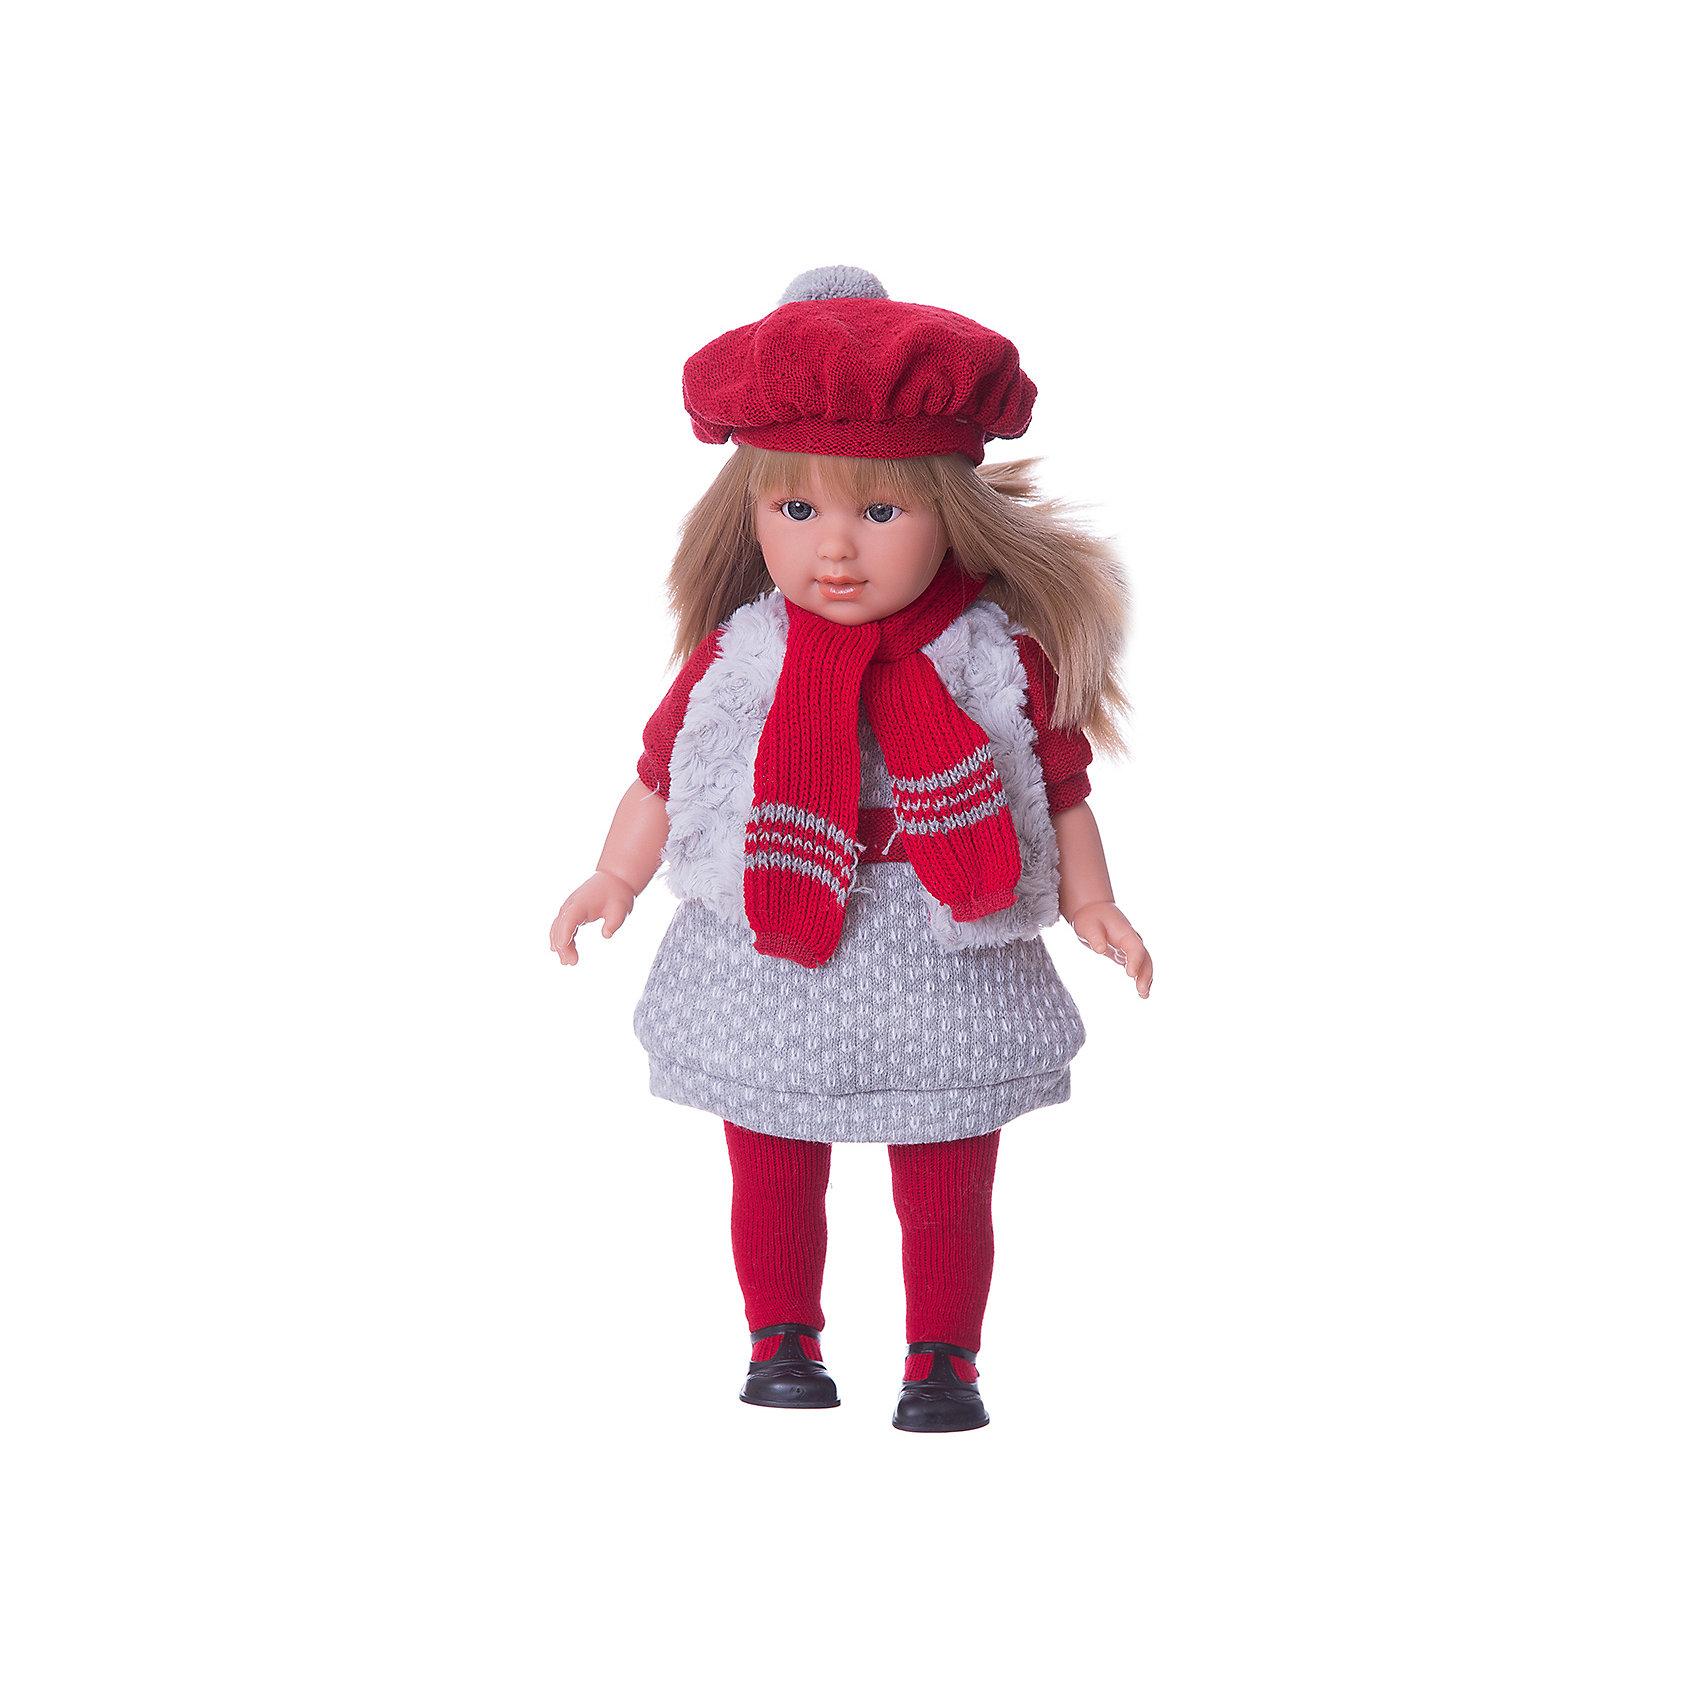 Кукла  Мартина, 40 см, LlorensХарактеристики:<br><br>• Предназначение: для сюжетно-ролевых игр<br>• Тип куклы: мягконабивная<br>• Пол куклы: девочка <br>• Цвет волос: блондинка<br>• Материал: поливинилхлорид, пластик, нейлон, текстиль<br>• Цвет: серый, красный<br>• Высота куклы: 40 см<br>• Комплектация: кукла, платье, меховая жилетка, берет, шарф, колготки, туфли<br>• Вес: 1 кг 200 г<br>• Размеры упаковки (Д*В*Ш): 23*46*13 см<br>• Упаковка: подарочная картонная коробка <br>• Особенности ухода: допускается деликатная стирка без использования красящих и отбеливающих средств предметов одежды куклы<br><br>Кукла Мартина 40 см – кукла, производителем которого является всемирно известный испанский кукольный бренд Llorens. Куклы этой торговой марки имеют свою неповторимую внешность и целую линейку образов как пупсов, так и кукол-малышей. Игрушки выполнены из сочетания поливинилхлорида и пластика, что позволяет с высокой долей достоверности воссоздать физиологические и мимические особенности маленьких детей. При изготовлении кукол Llorens используются только сертифицированные материалы, безопасные и не вызывающие аллергических реакций. Волосы у кукол отличаются густотой, шелковистостью и блеском, при расчесывании они не выпадают и не ломаются.<br>Кукла Мартина 40 см выполнена в образе девочки: у нее прямые длинные волосы, которые можно укладывать в различные прически. Комплект теплой одежды состоит из комбинированного платья, меховой жилетки, колготочек. Дополняют стильный Мартины объемный яркий берет и шарф. На ножках у Мартины – черные туфельки с ремешками. <br>Кукла Мартина 40 см – это идеальный вариант для подарка к различным праздникам и торжествам.<br><br>Куклу Мартину 40 см можно купить в нашем интернет-магазине.<br><br>Ширина мм: 23<br>Глубина мм: 46<br>Высота мм: 13<br>Вес г: 1200<br>Возраст от месяцев: 36<br>Возраст до месяцев: 84<br>Пол: Женский<br>Возраст: Детский<br>SKU: 5086946